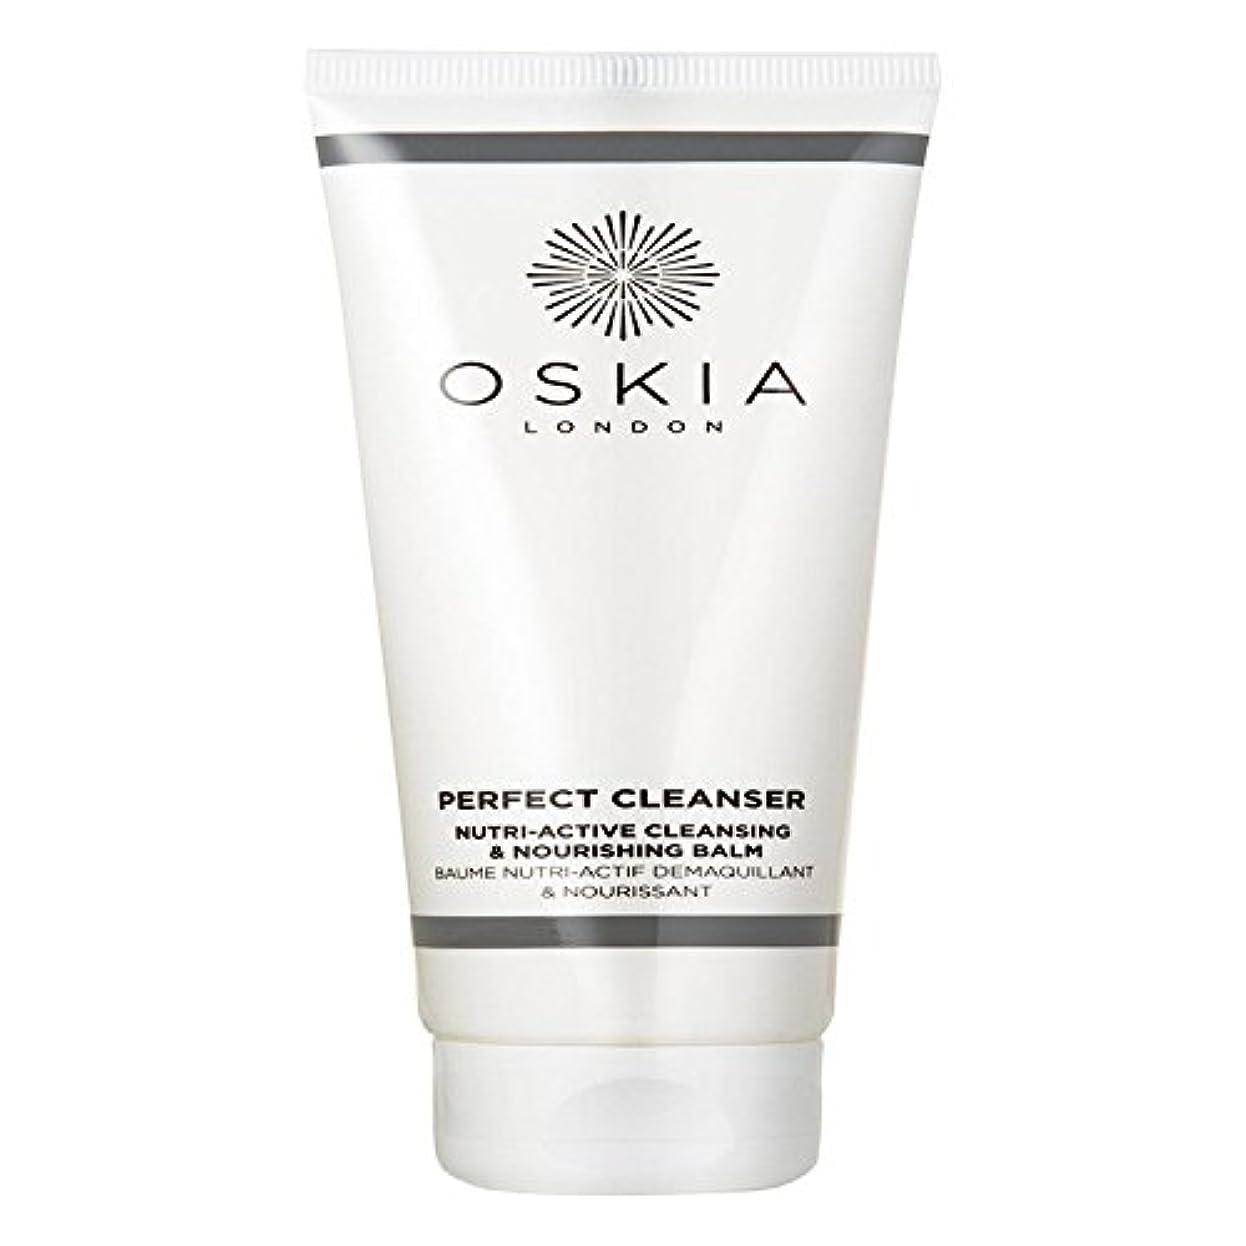 進捗ウィスキー毛皮OSKIA Perfect Cleanser 125ml - 完璧なクレンザー125ミリリットル [並行輸入品]